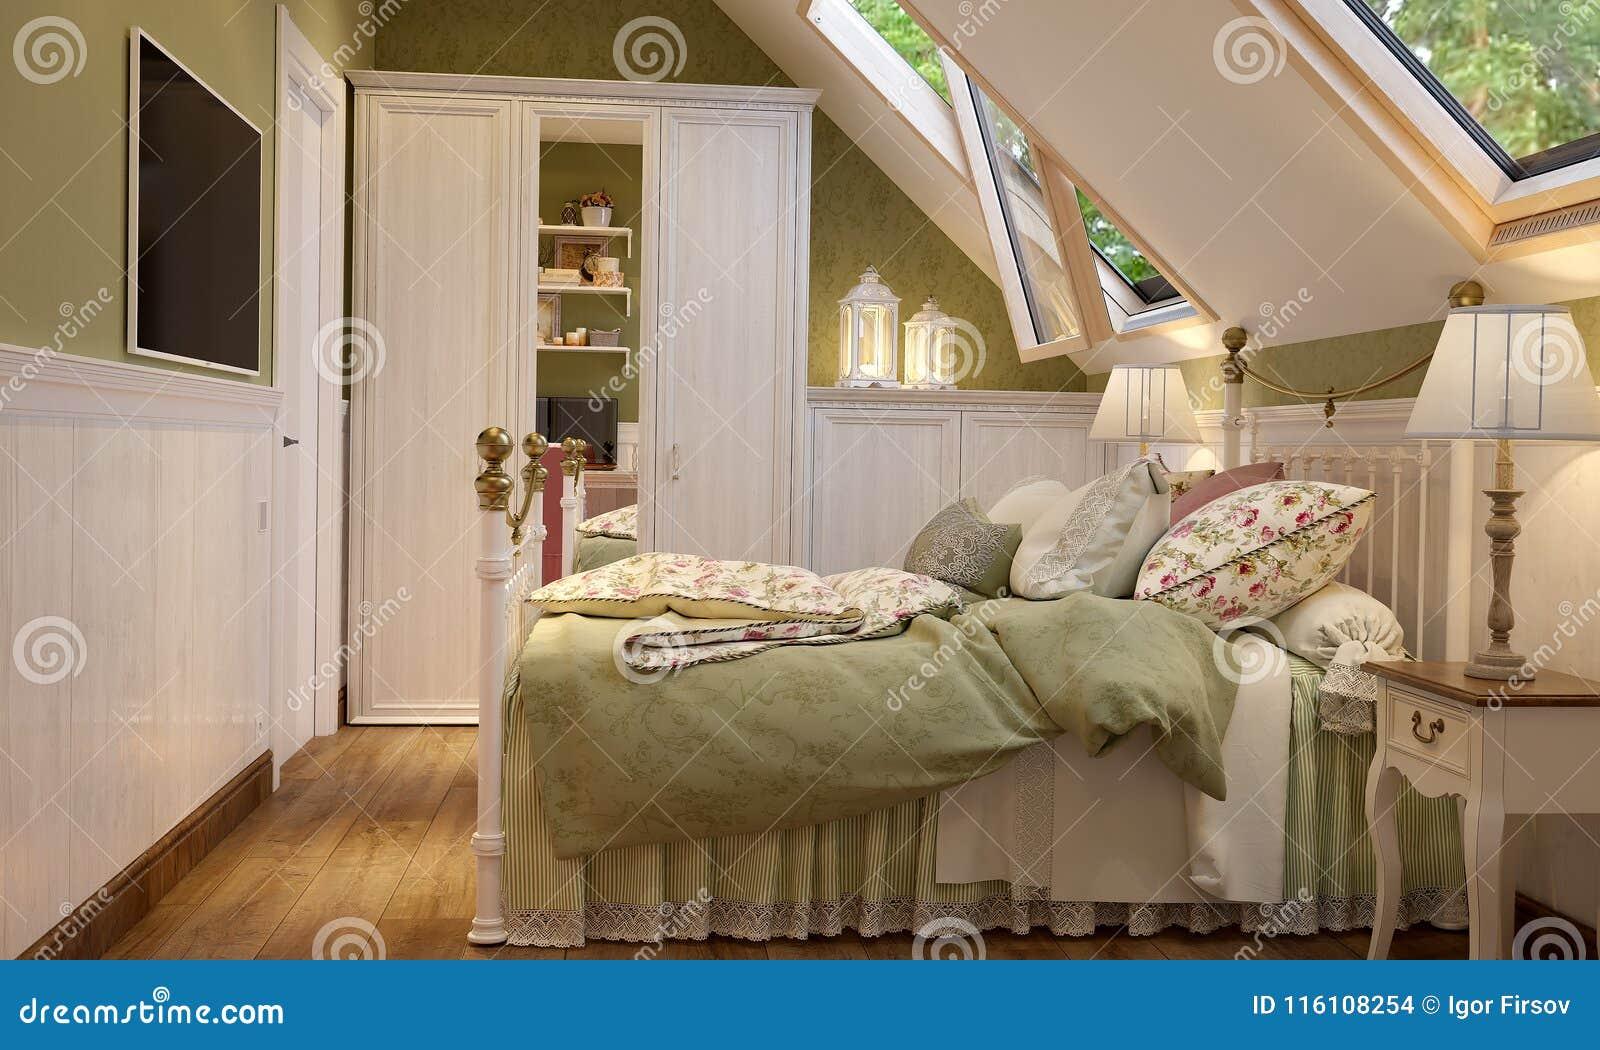 Interieur De La Chambre A Coucher En Vert De Style De La